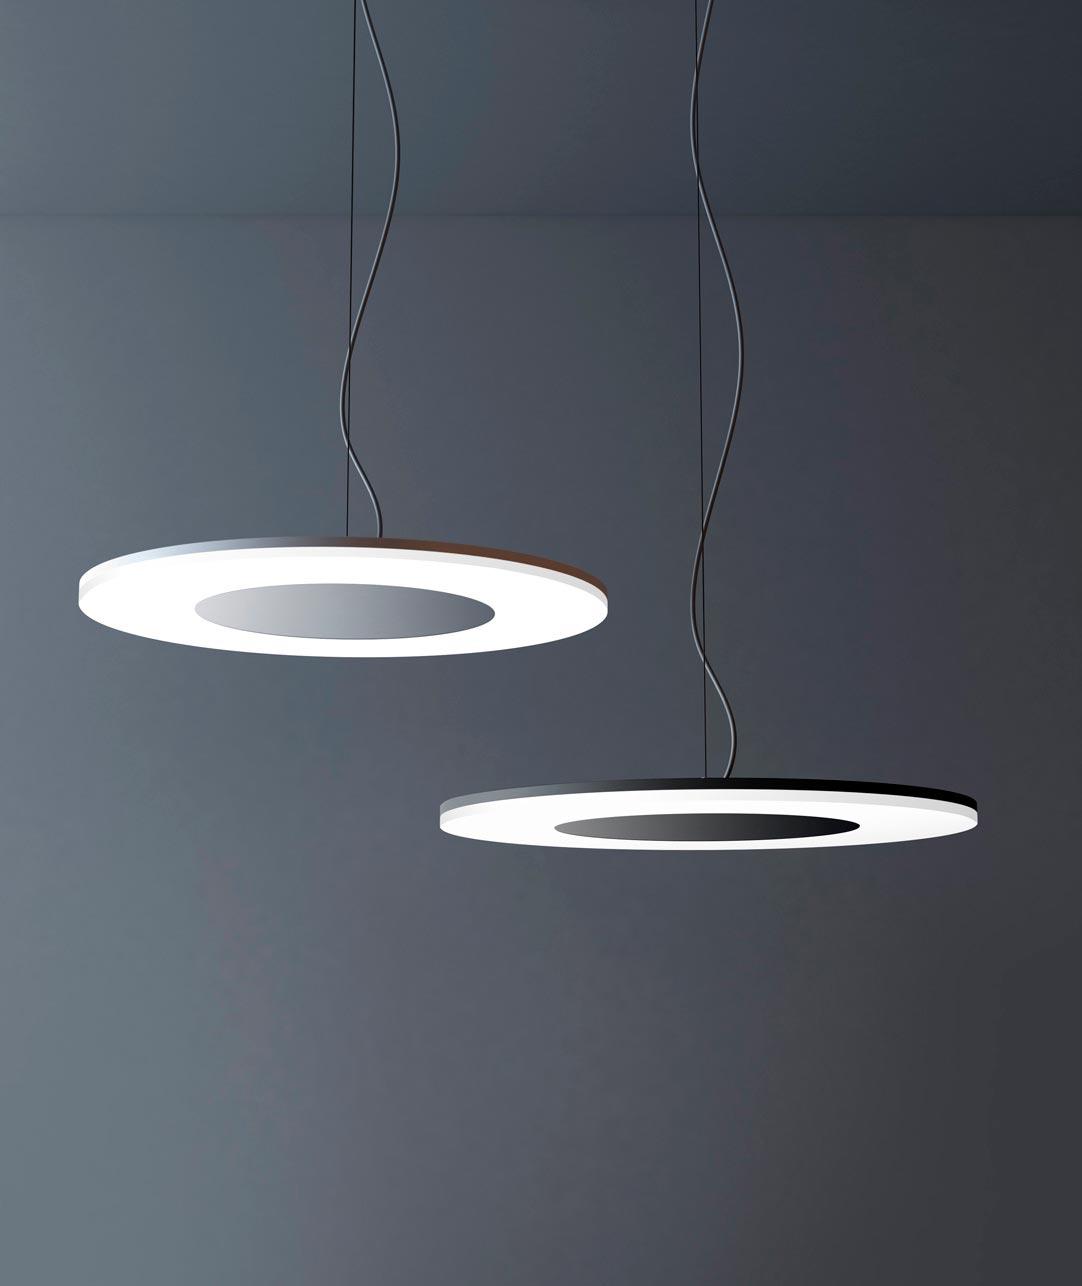 Lámpara colgante DISCOBOLO aluminio ambiente